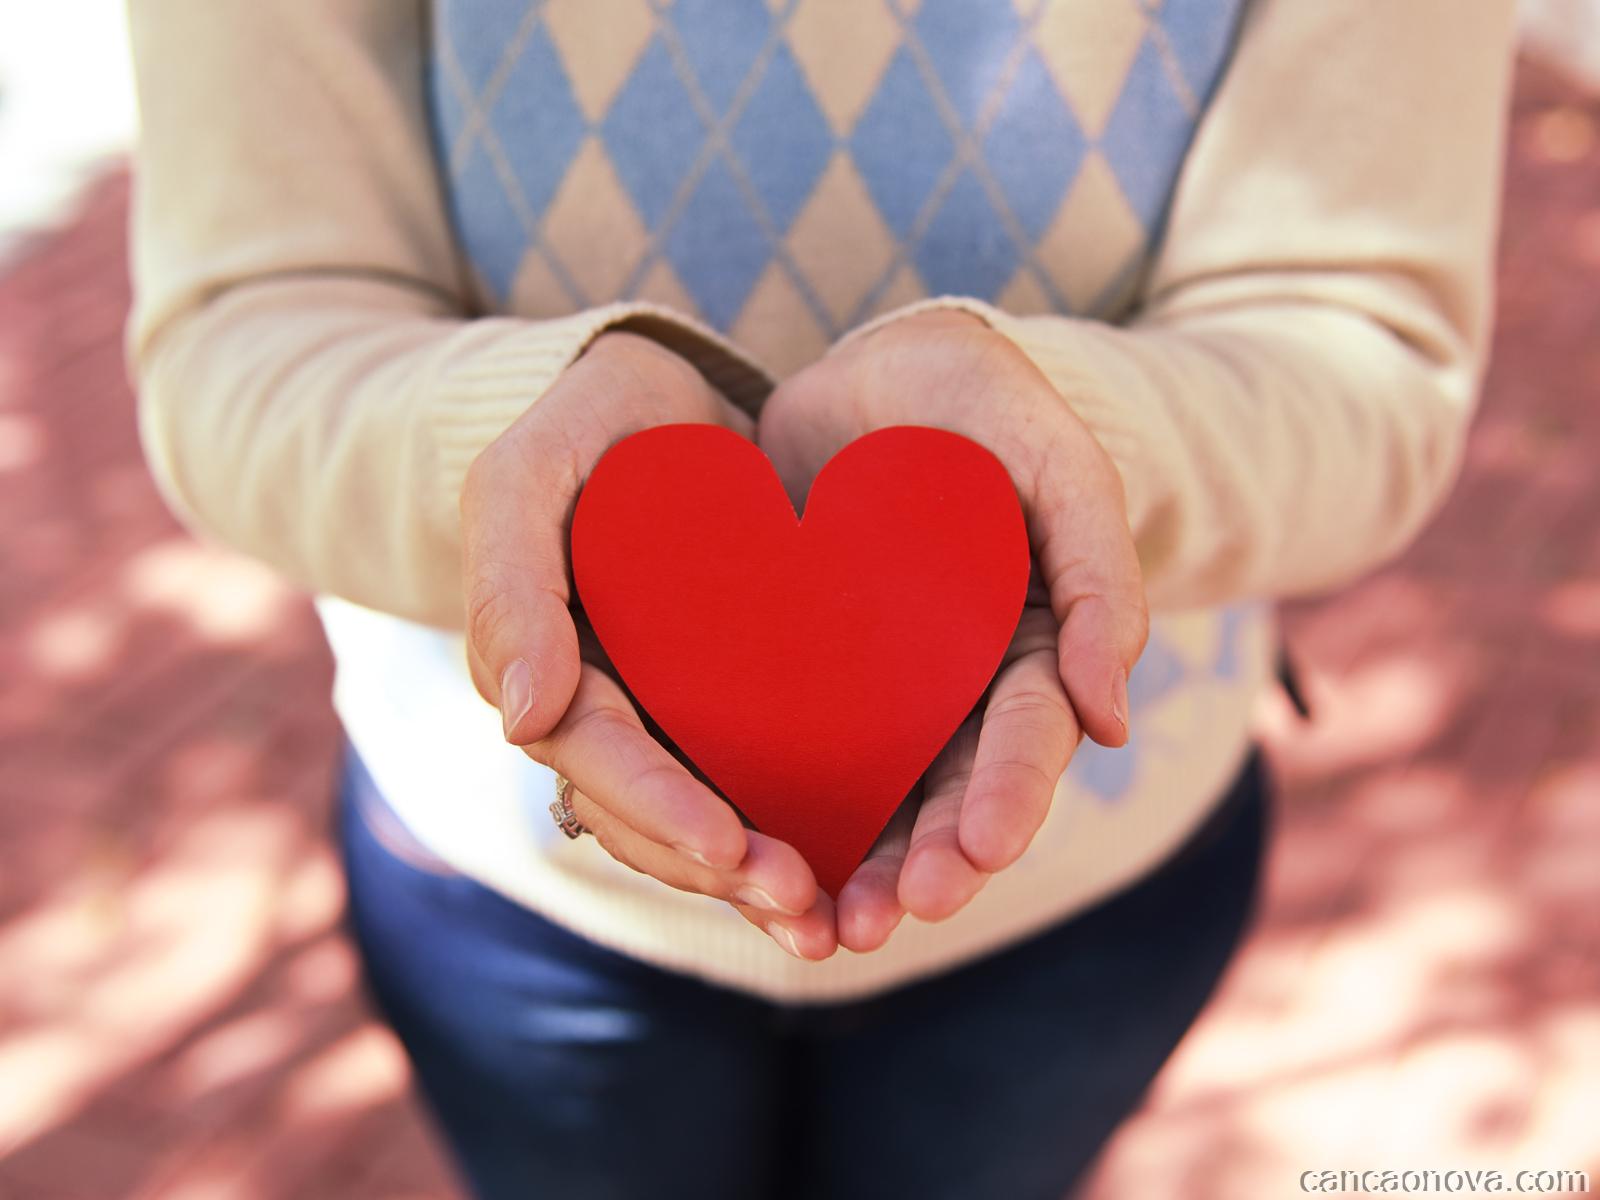 Como olhar a outra pessoa com o coração?